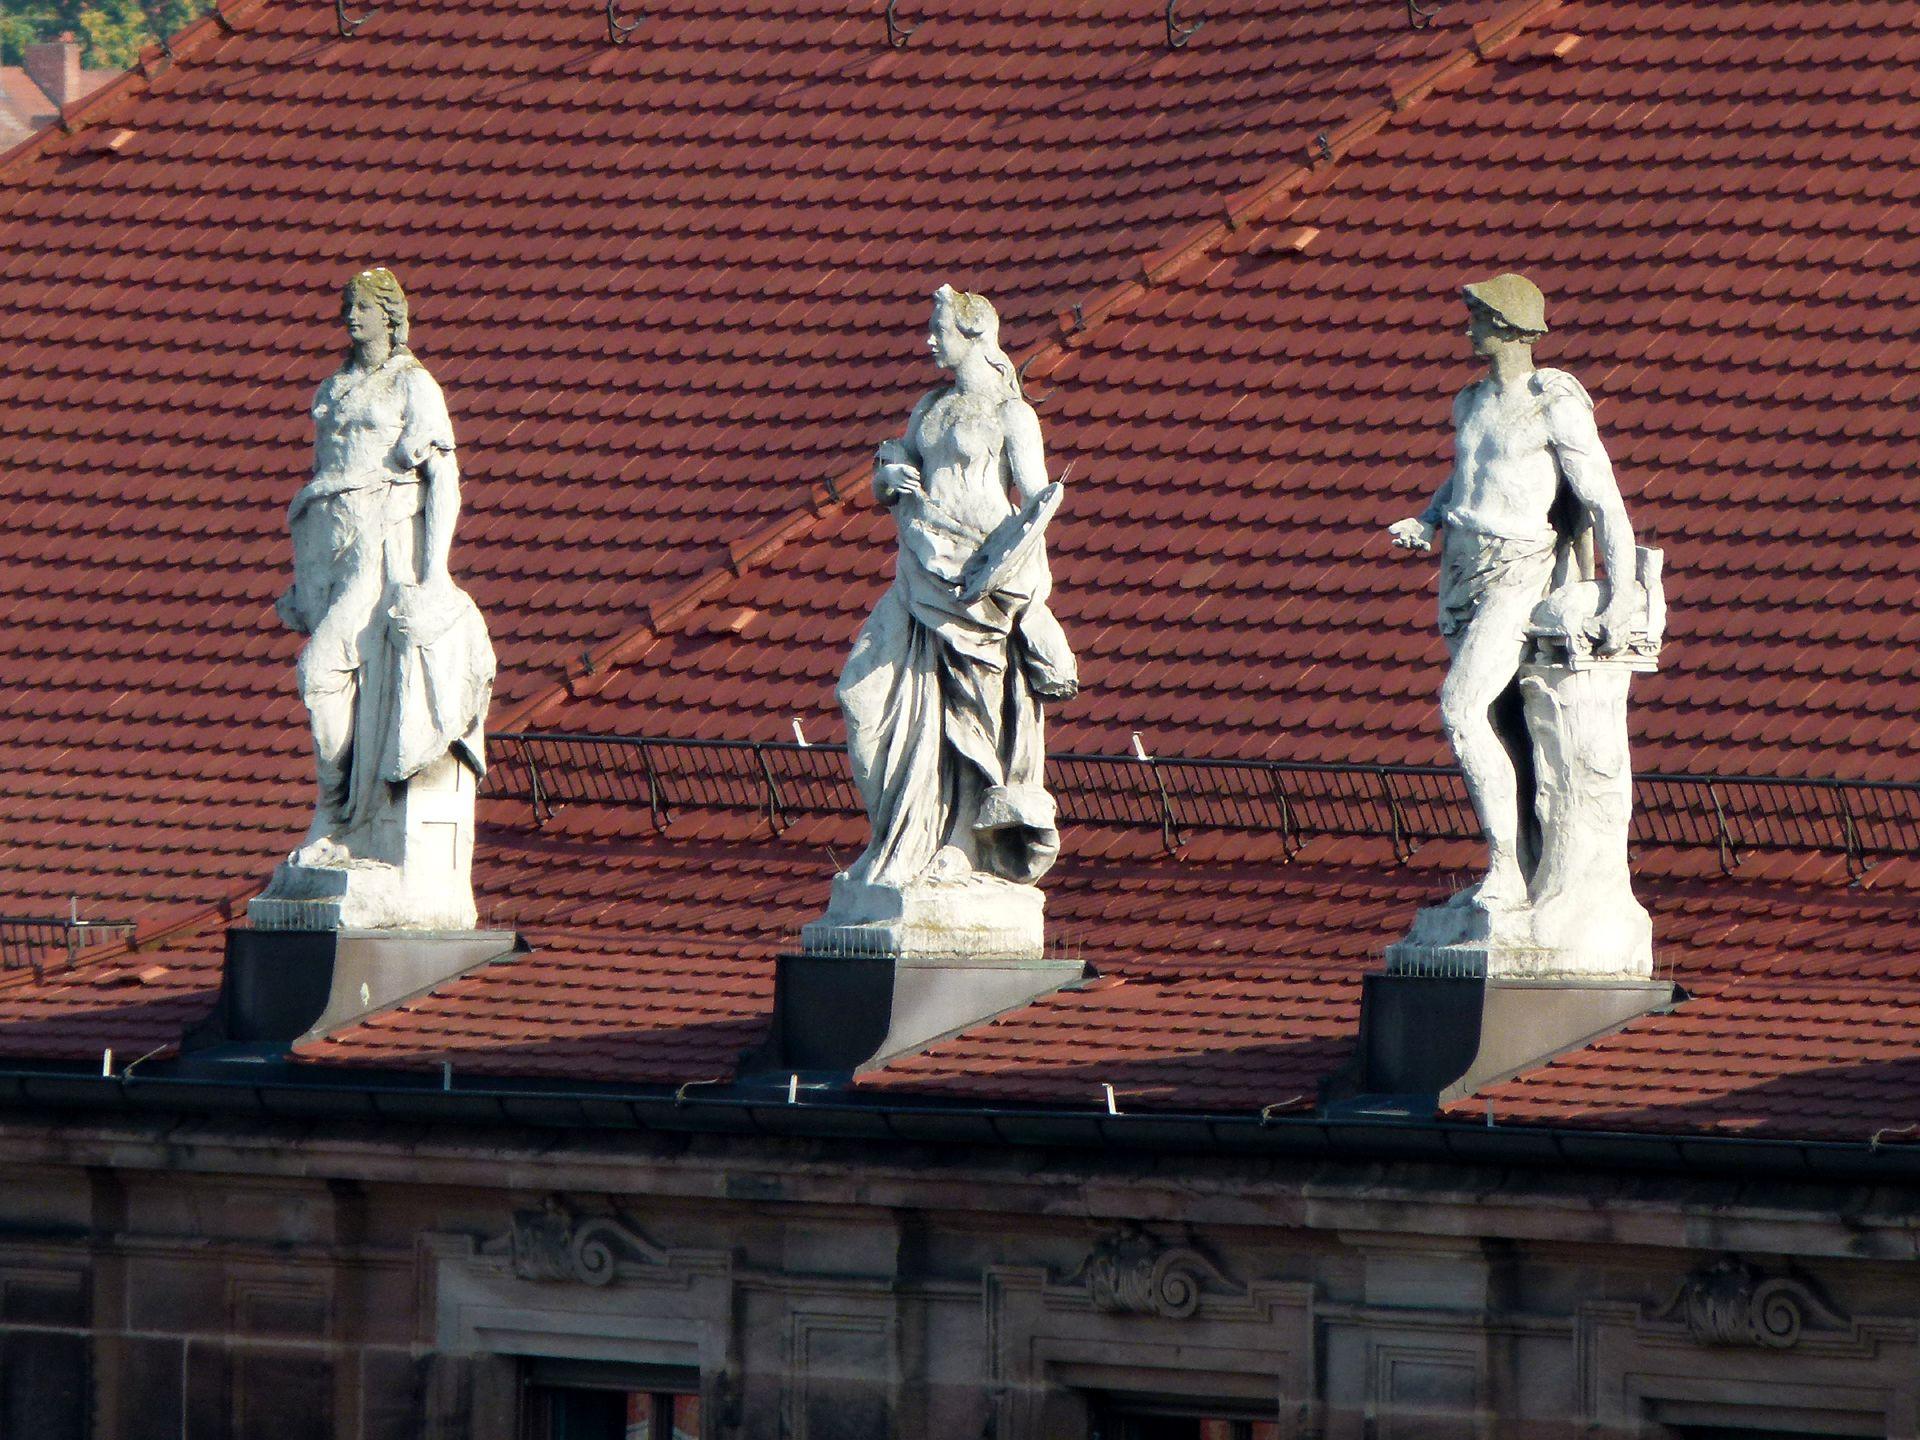 """ehem. Bayerische Landesgewerbeanstalt Südwestfassade, Mittelrisalit, Drei allegorische Darstellungen der """"Sparten der Technik"""" von Joseph Kramer"""